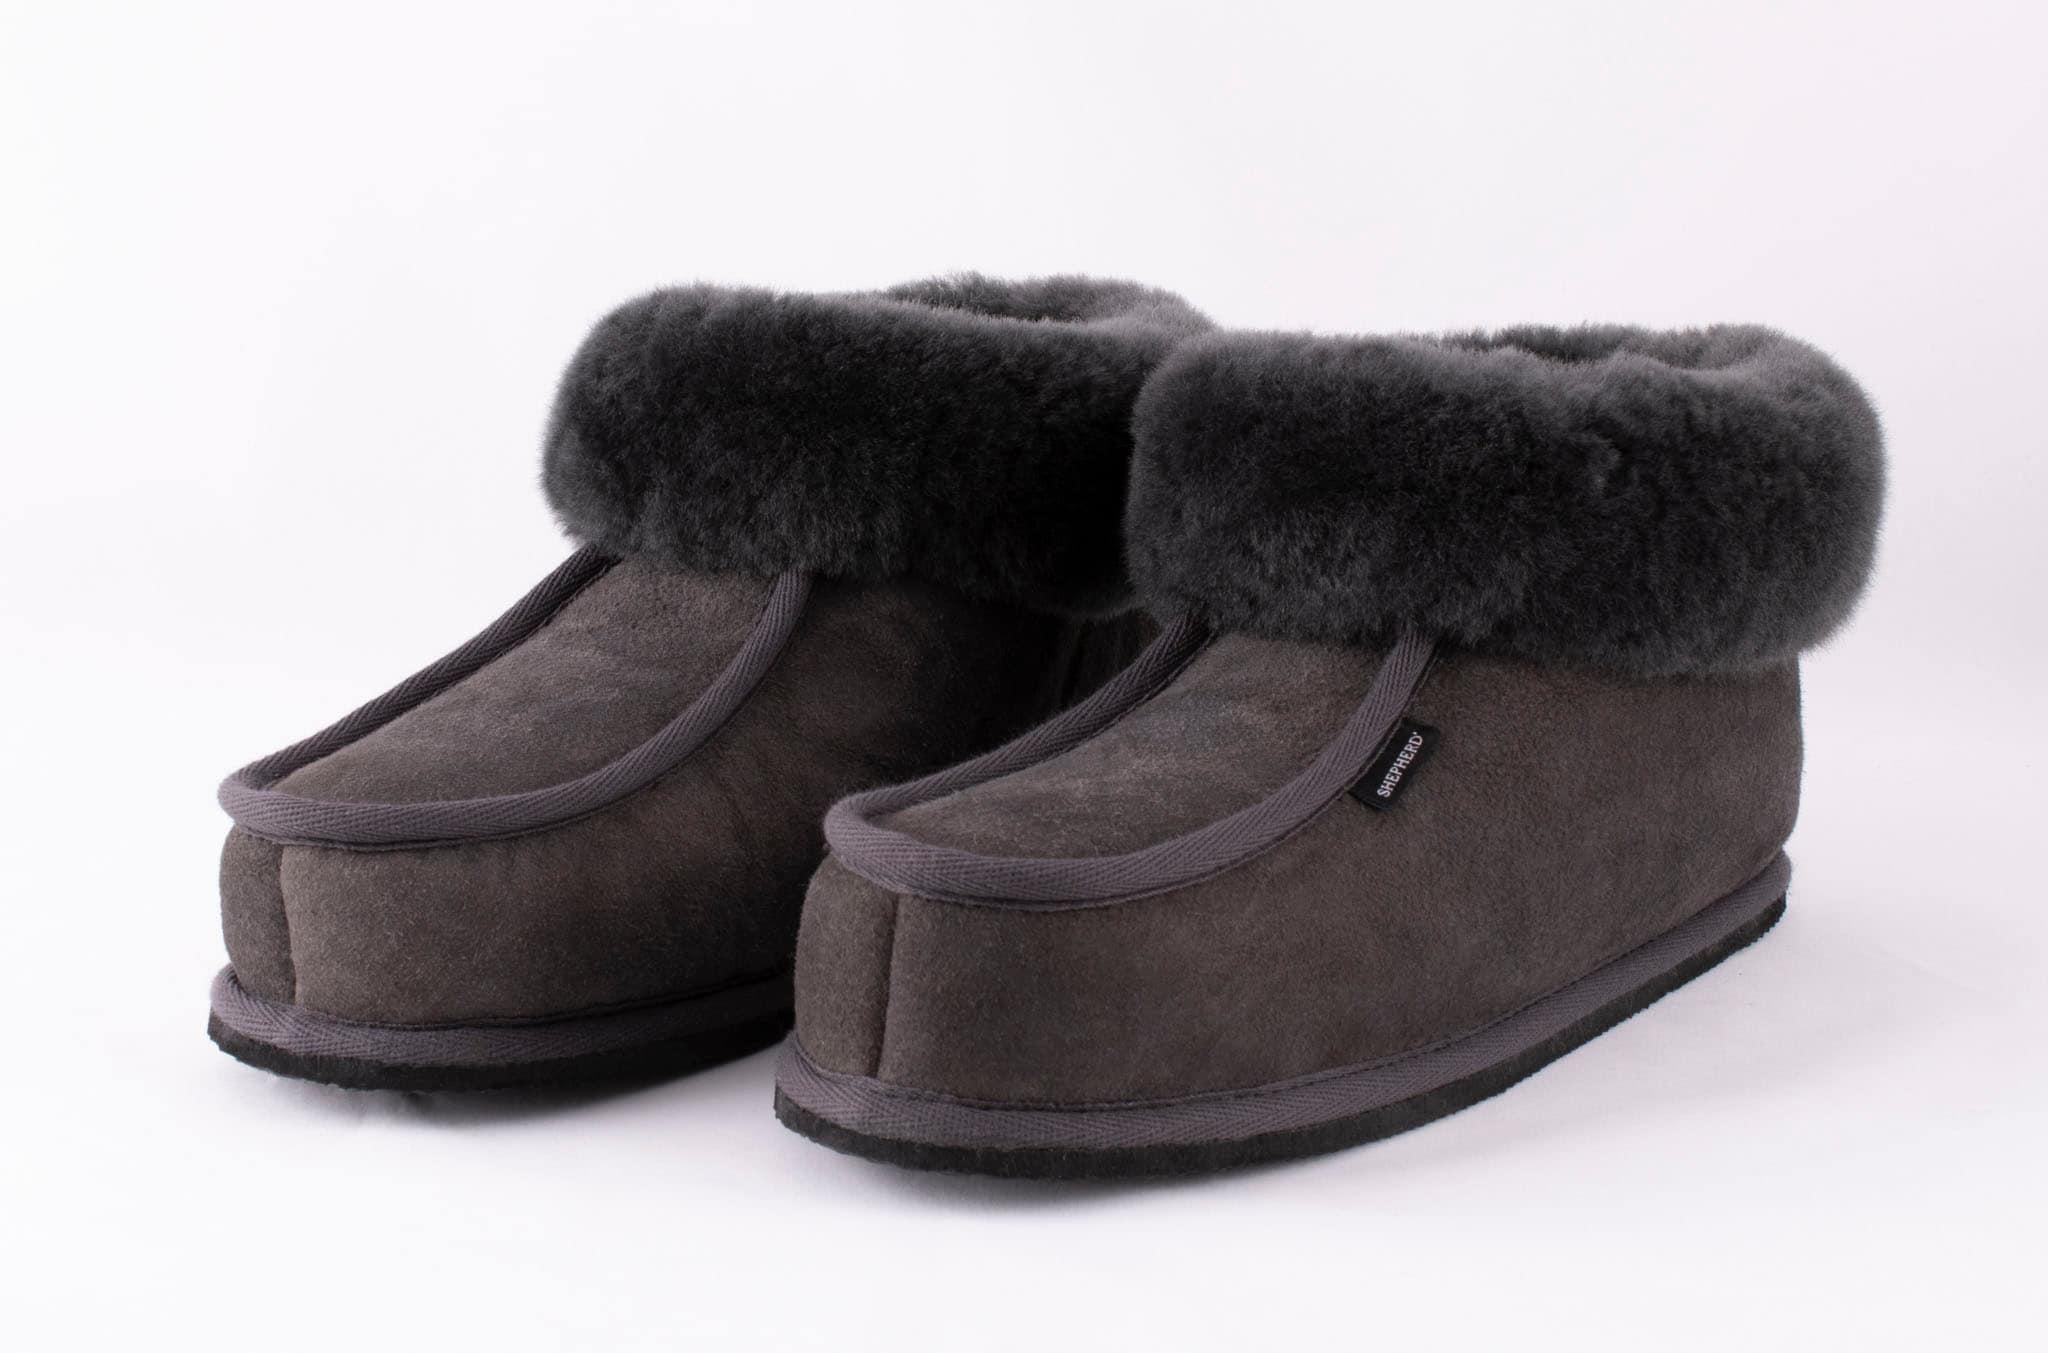 Krister slippers